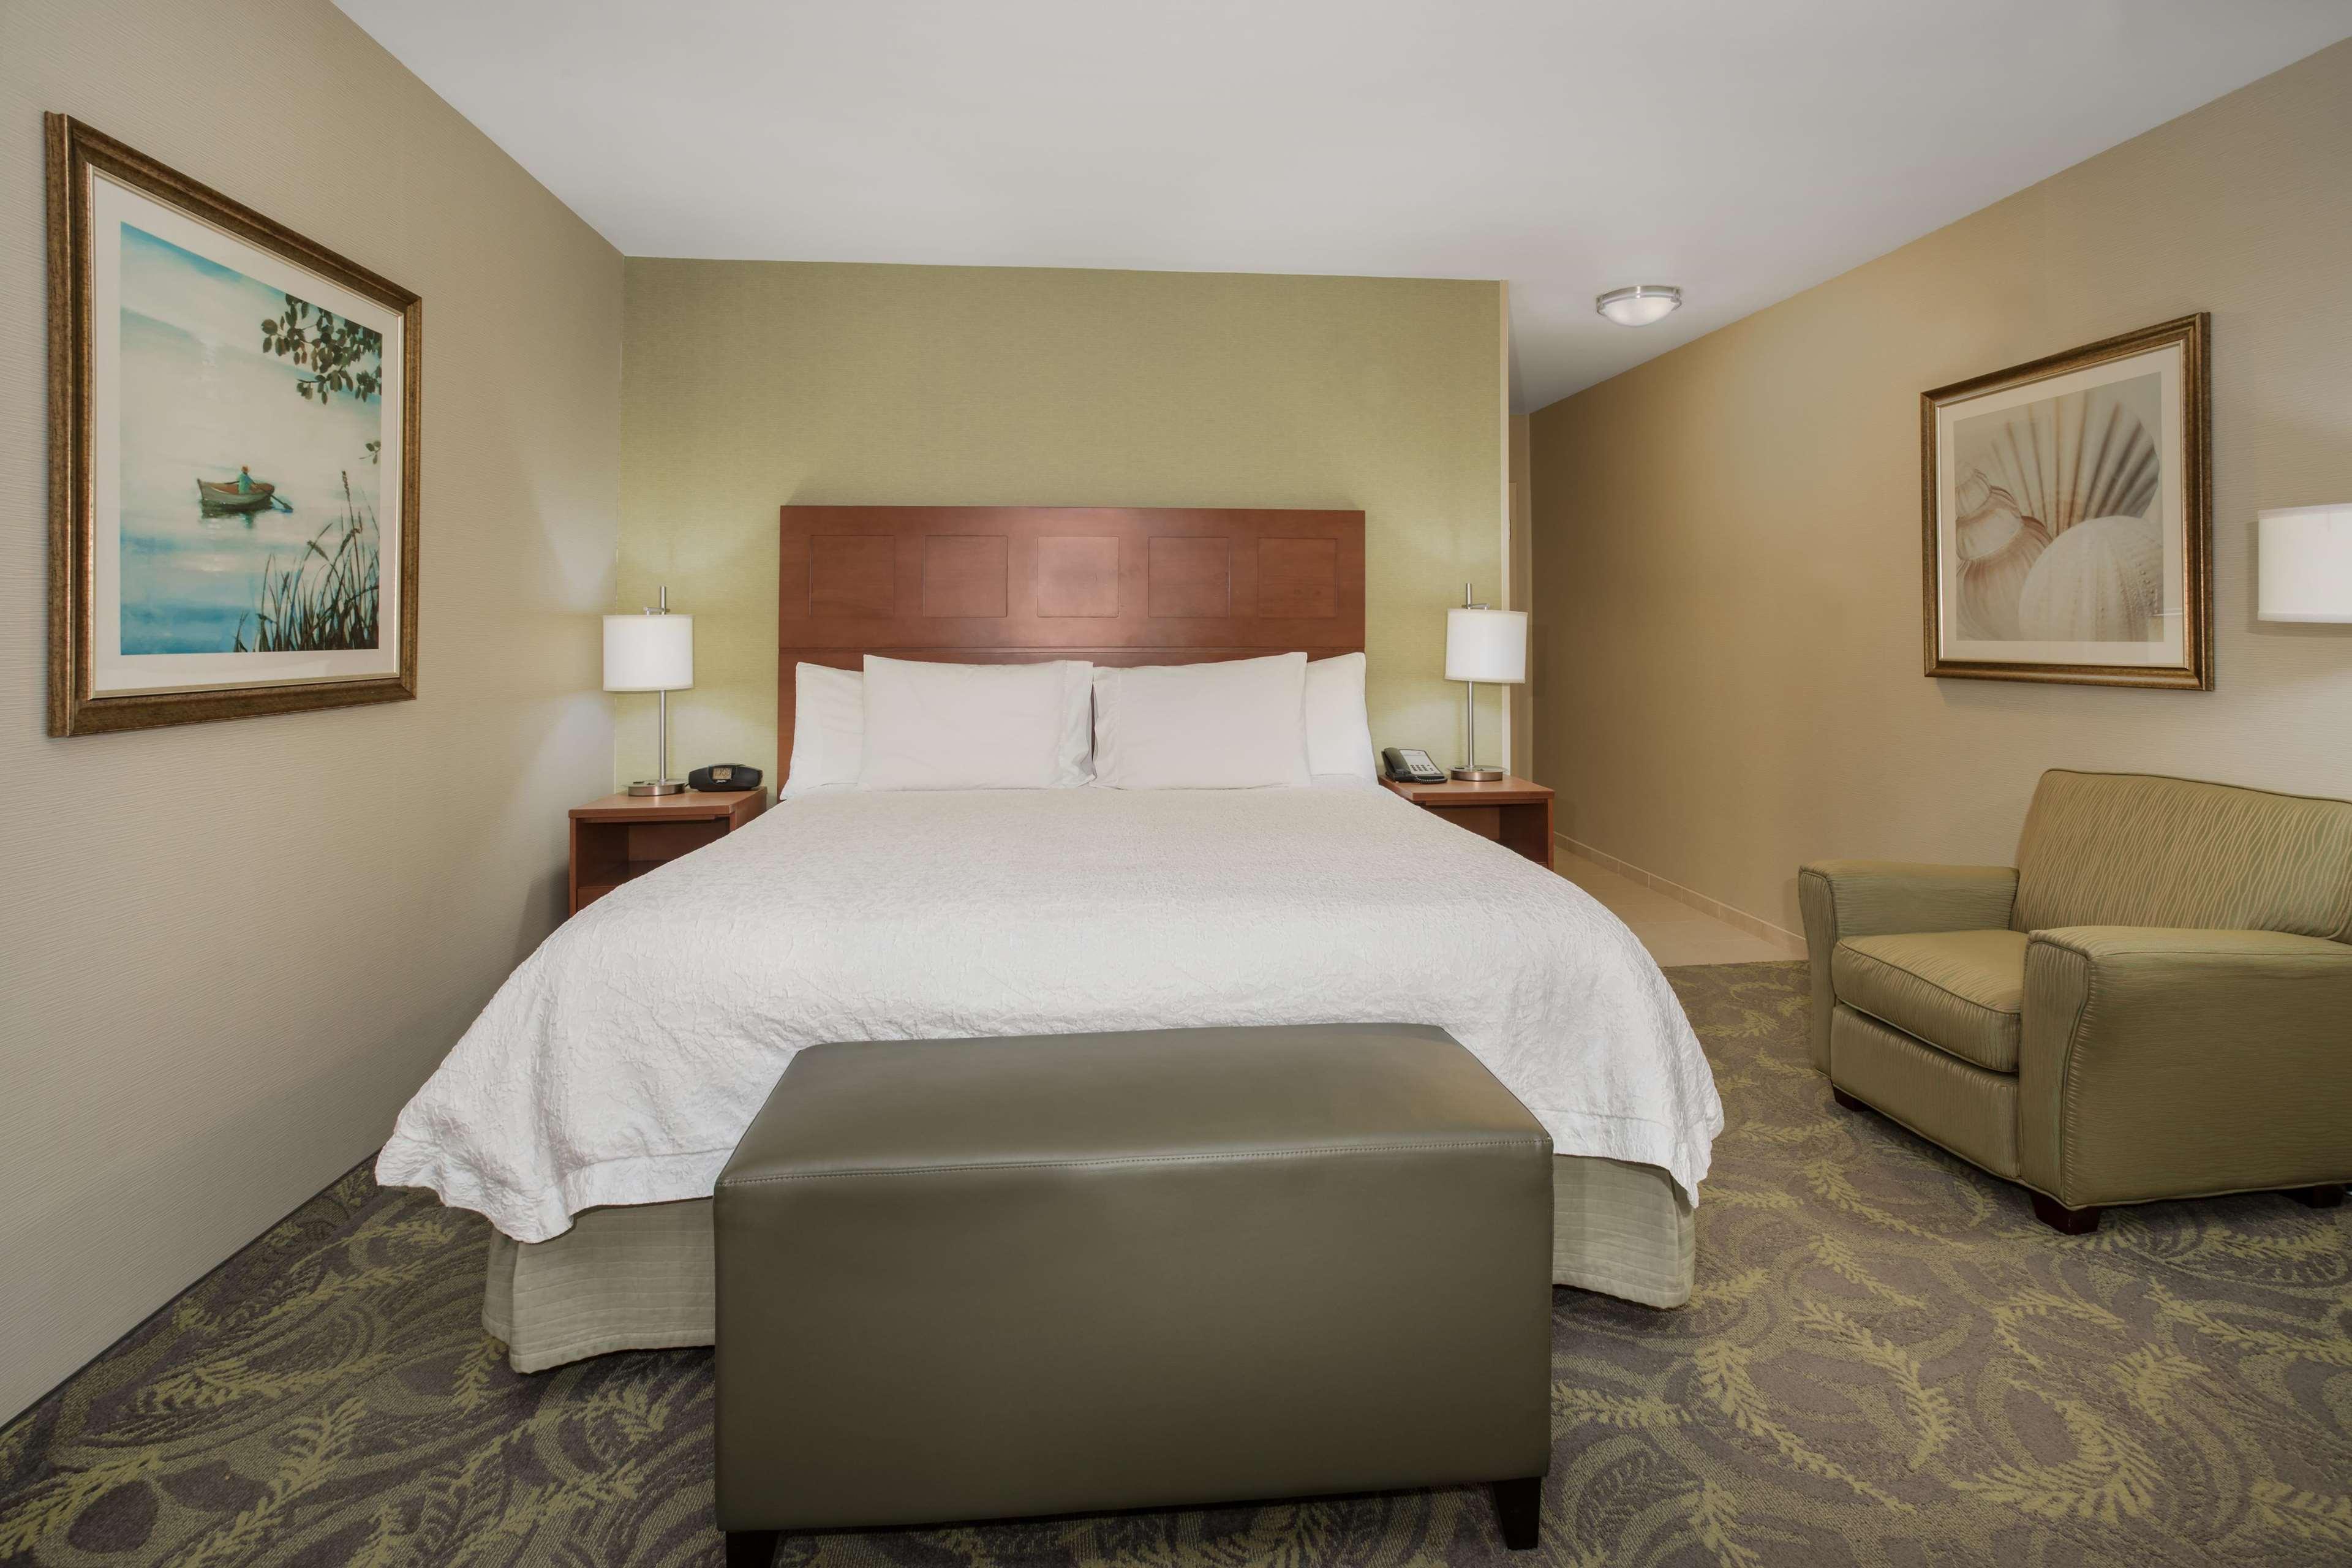 Hampton Inn & Suites Astoria image 58